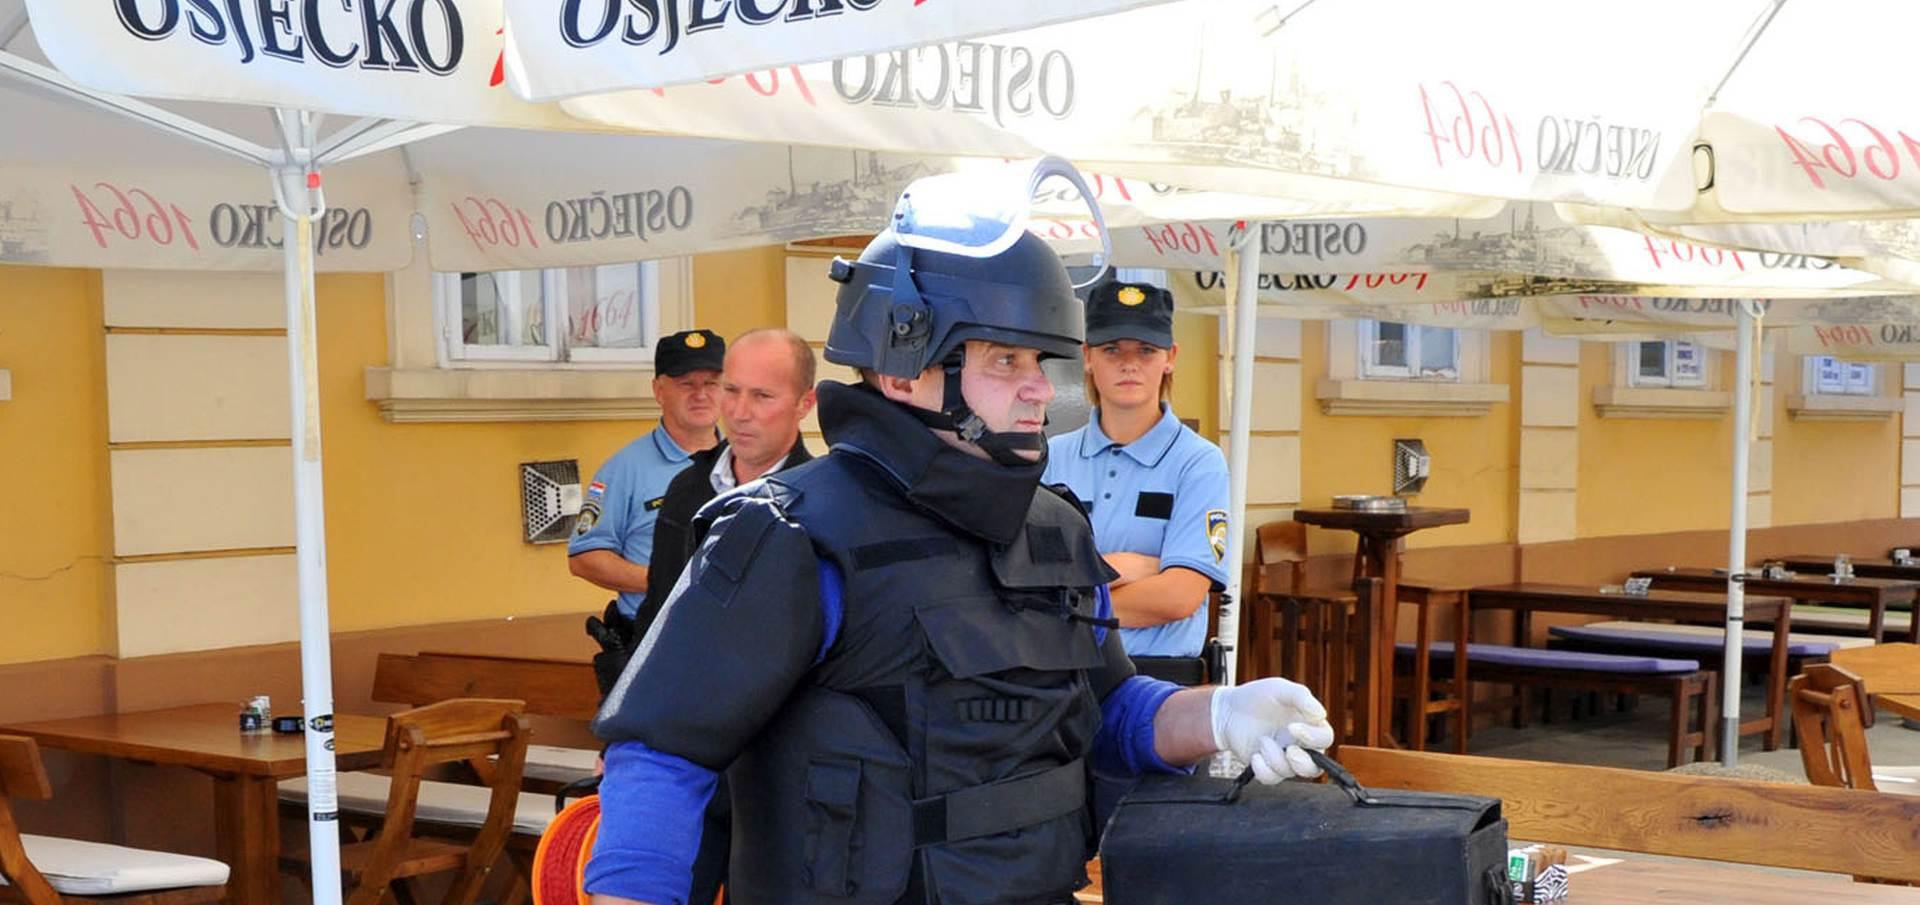 POZVANI VJEŠTACI: U središtu Vinkovaca pronađena torba s eksplozivom